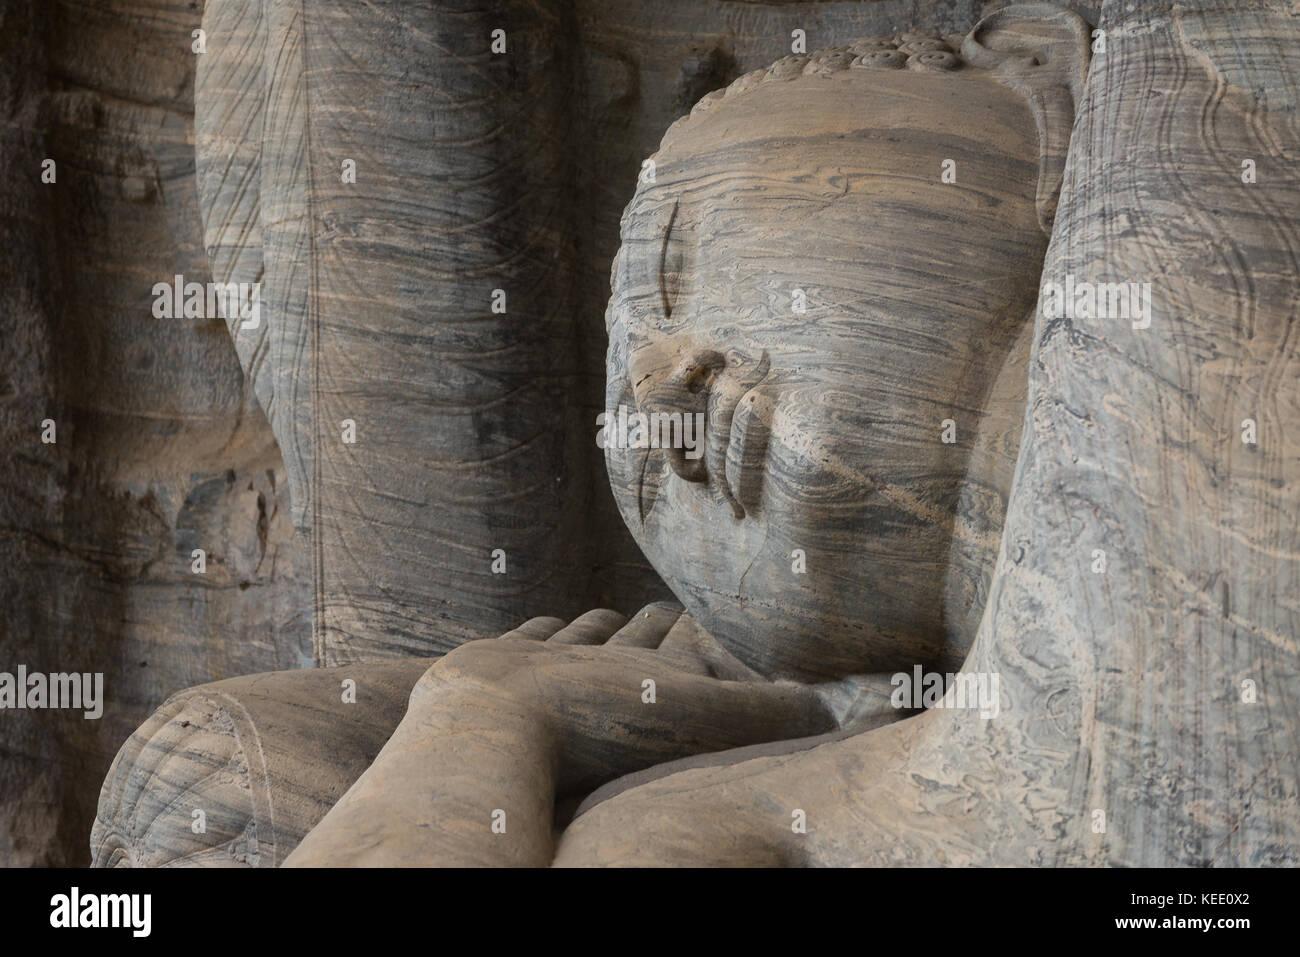 Reclining Buddha (Gal Vihara) at Ancient City of Polonnaruwa, Sri Lanka. - Stock Image